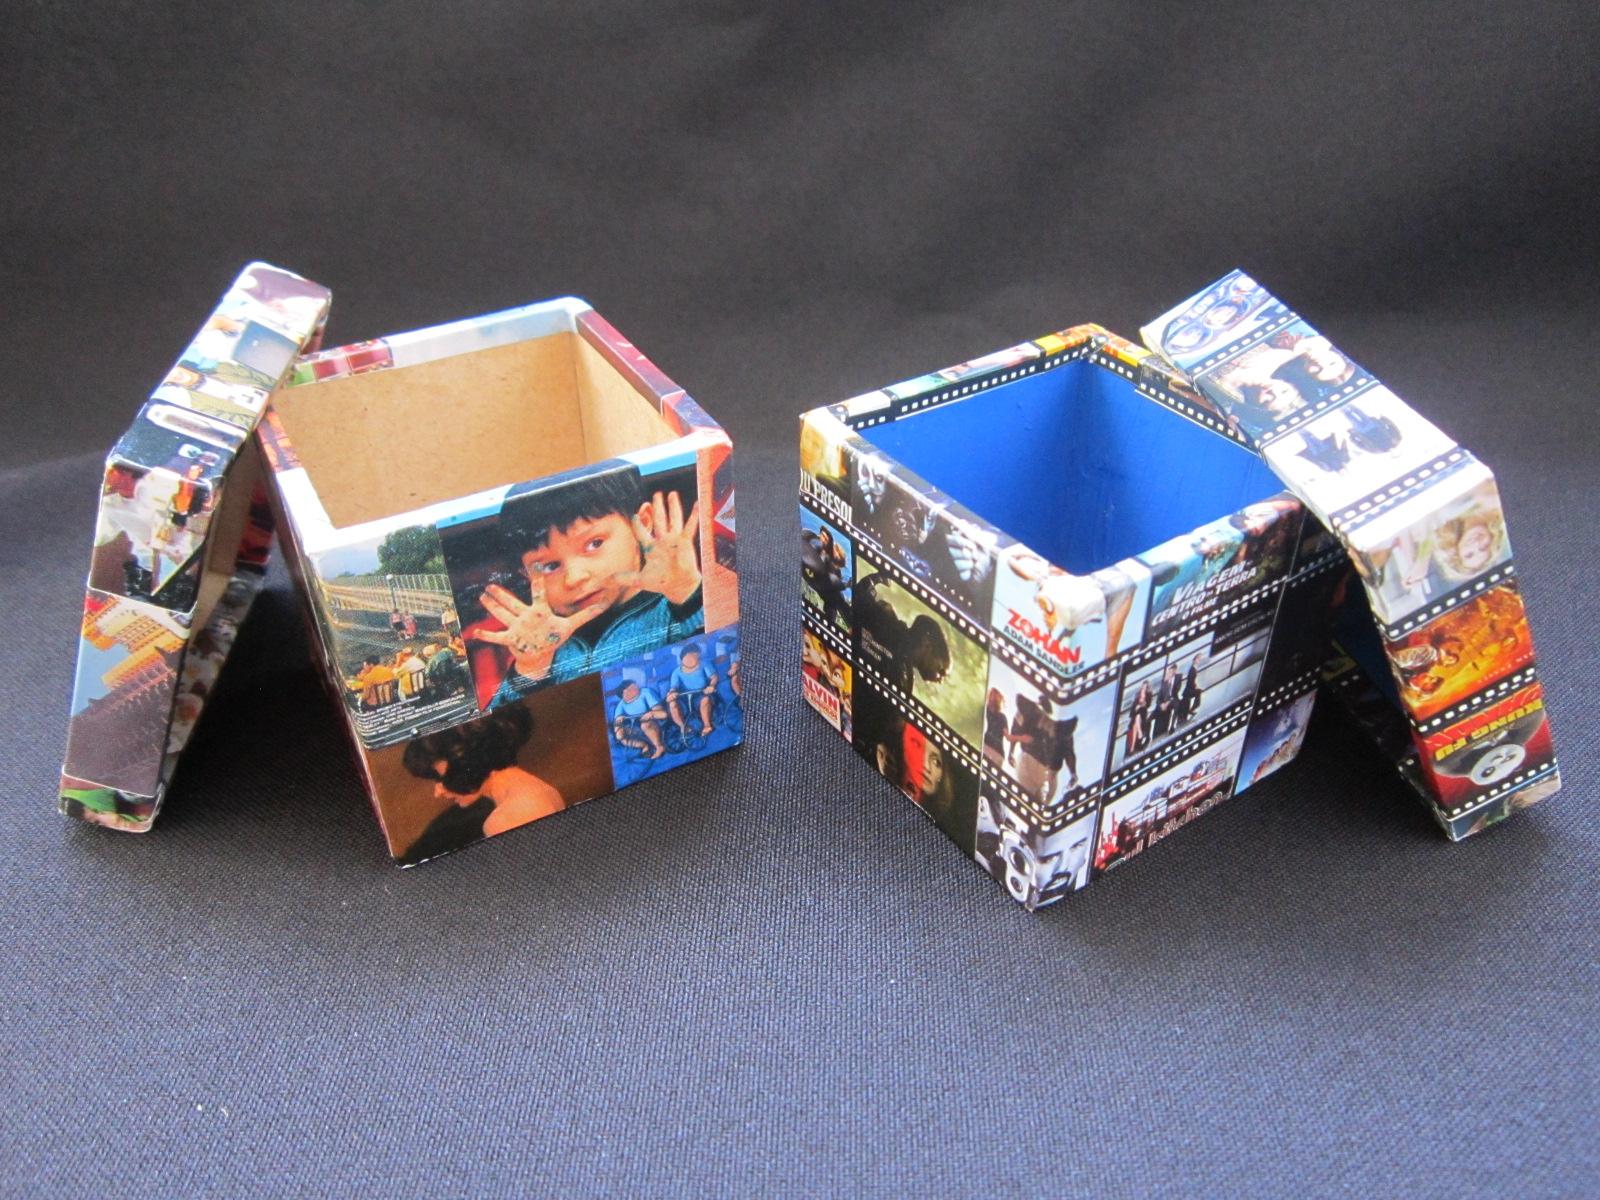 de tudo um pouco : Caixa de madeira feitas com colagens diversas #1355B8 1600x1200